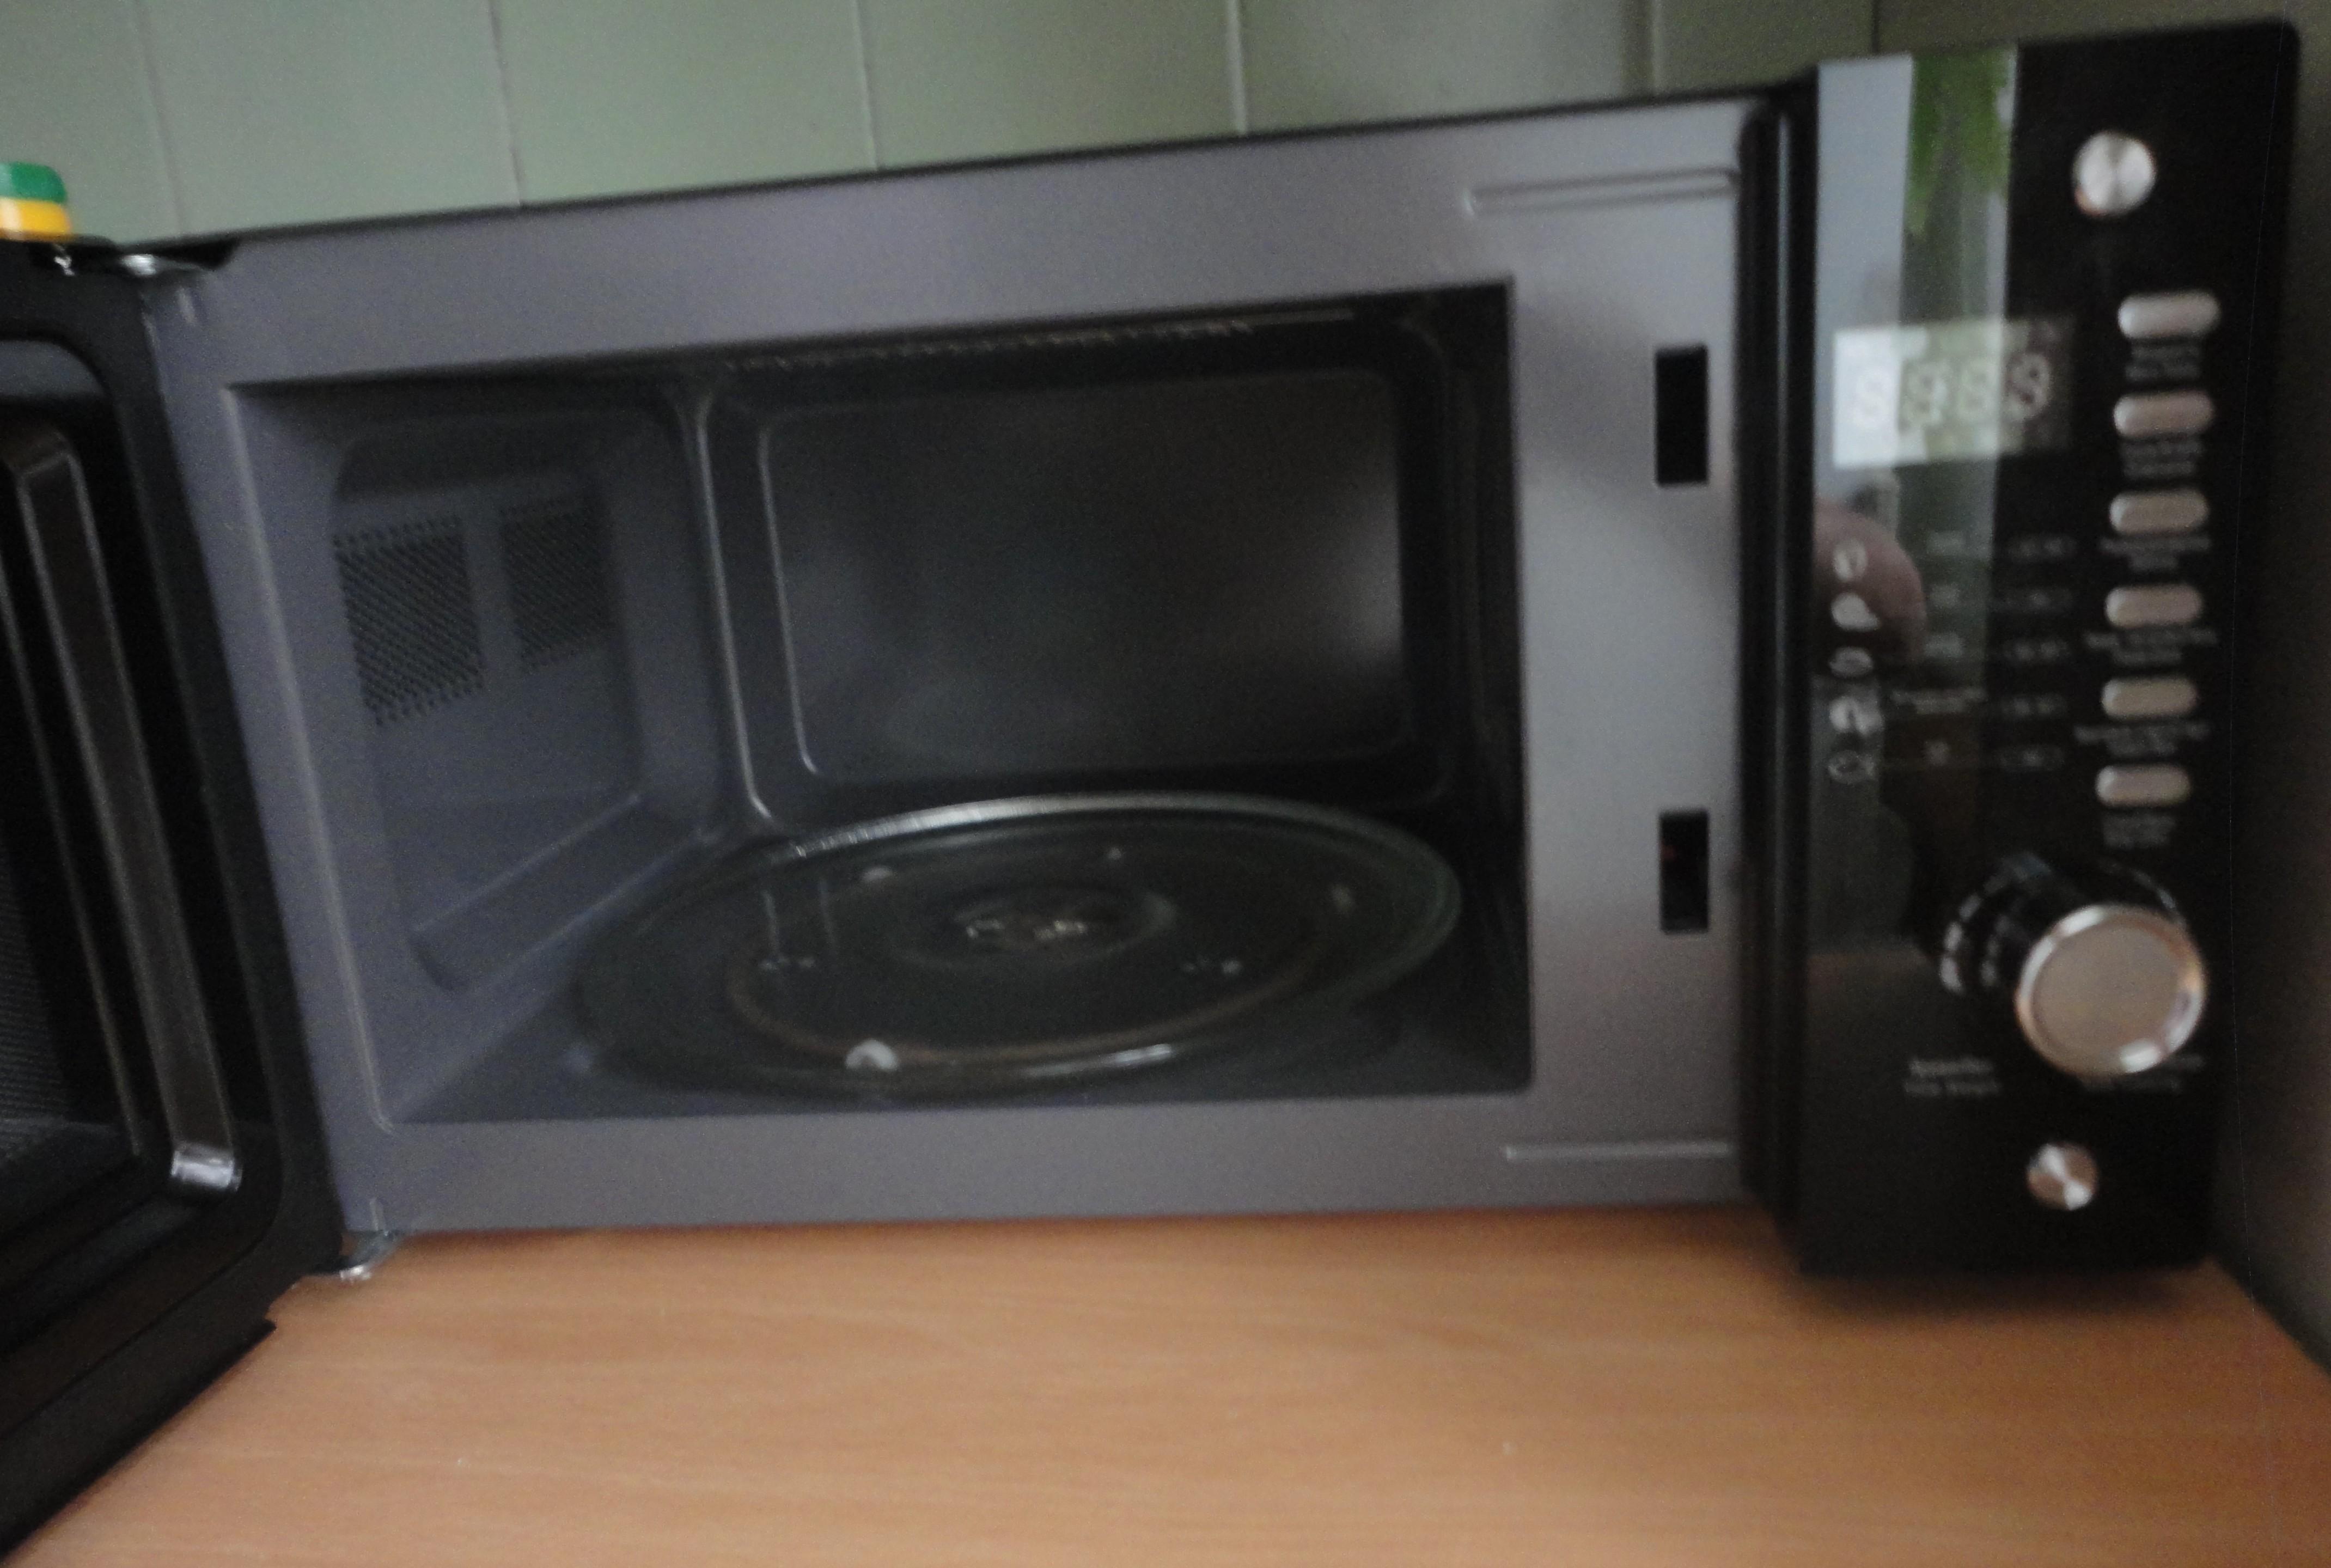 микроволновая печь elenberg mg 2090 d инструкция